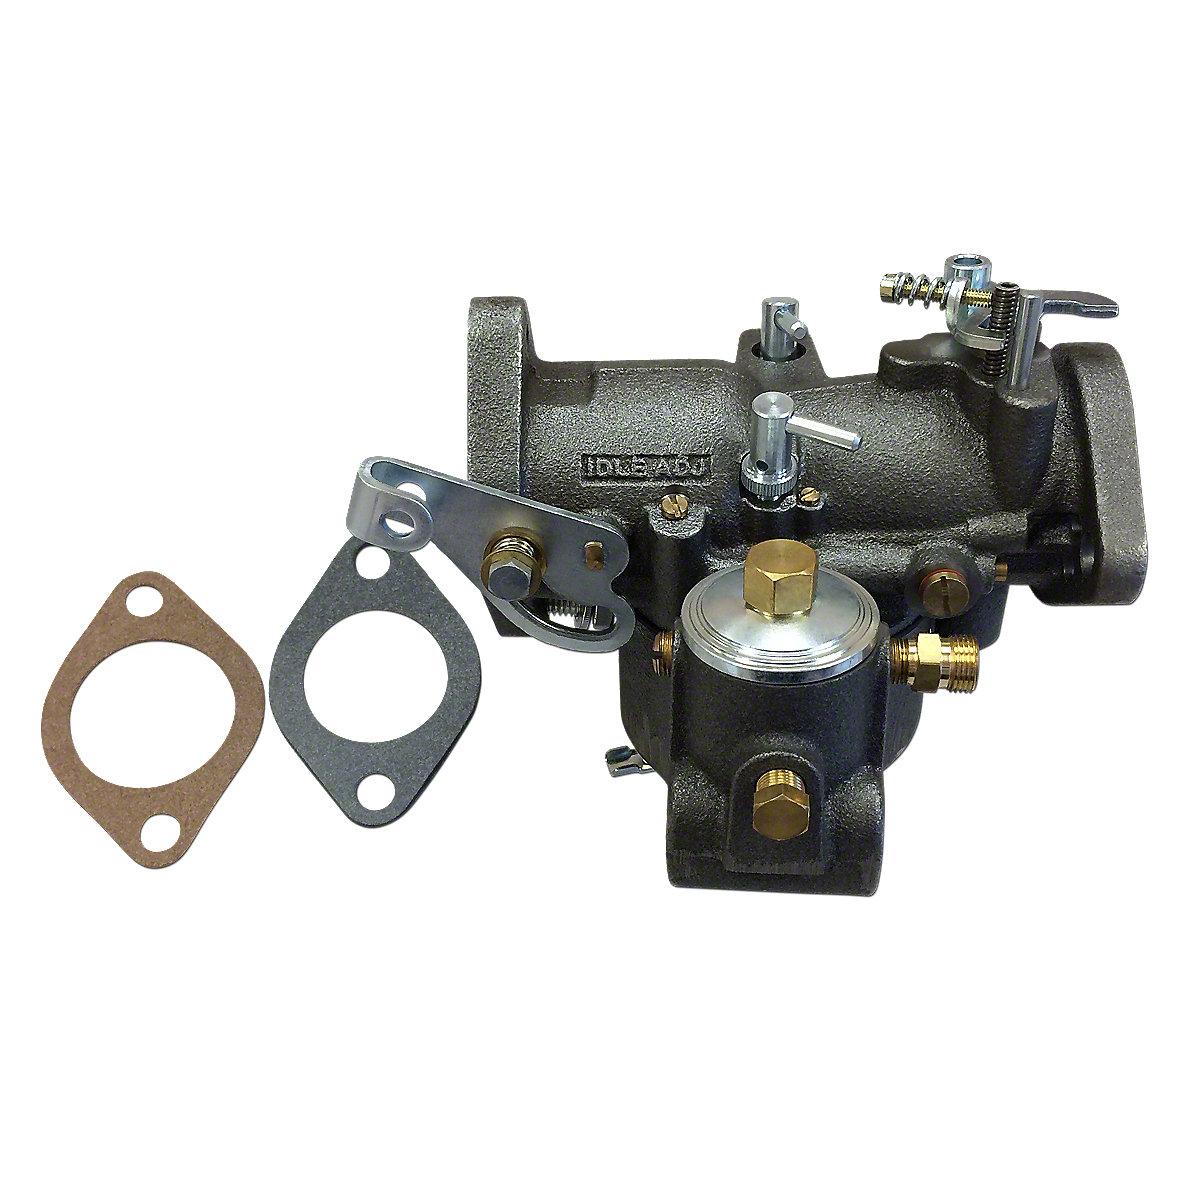 John Deere Tractor Carburetors : John deere ah carburetor dltx